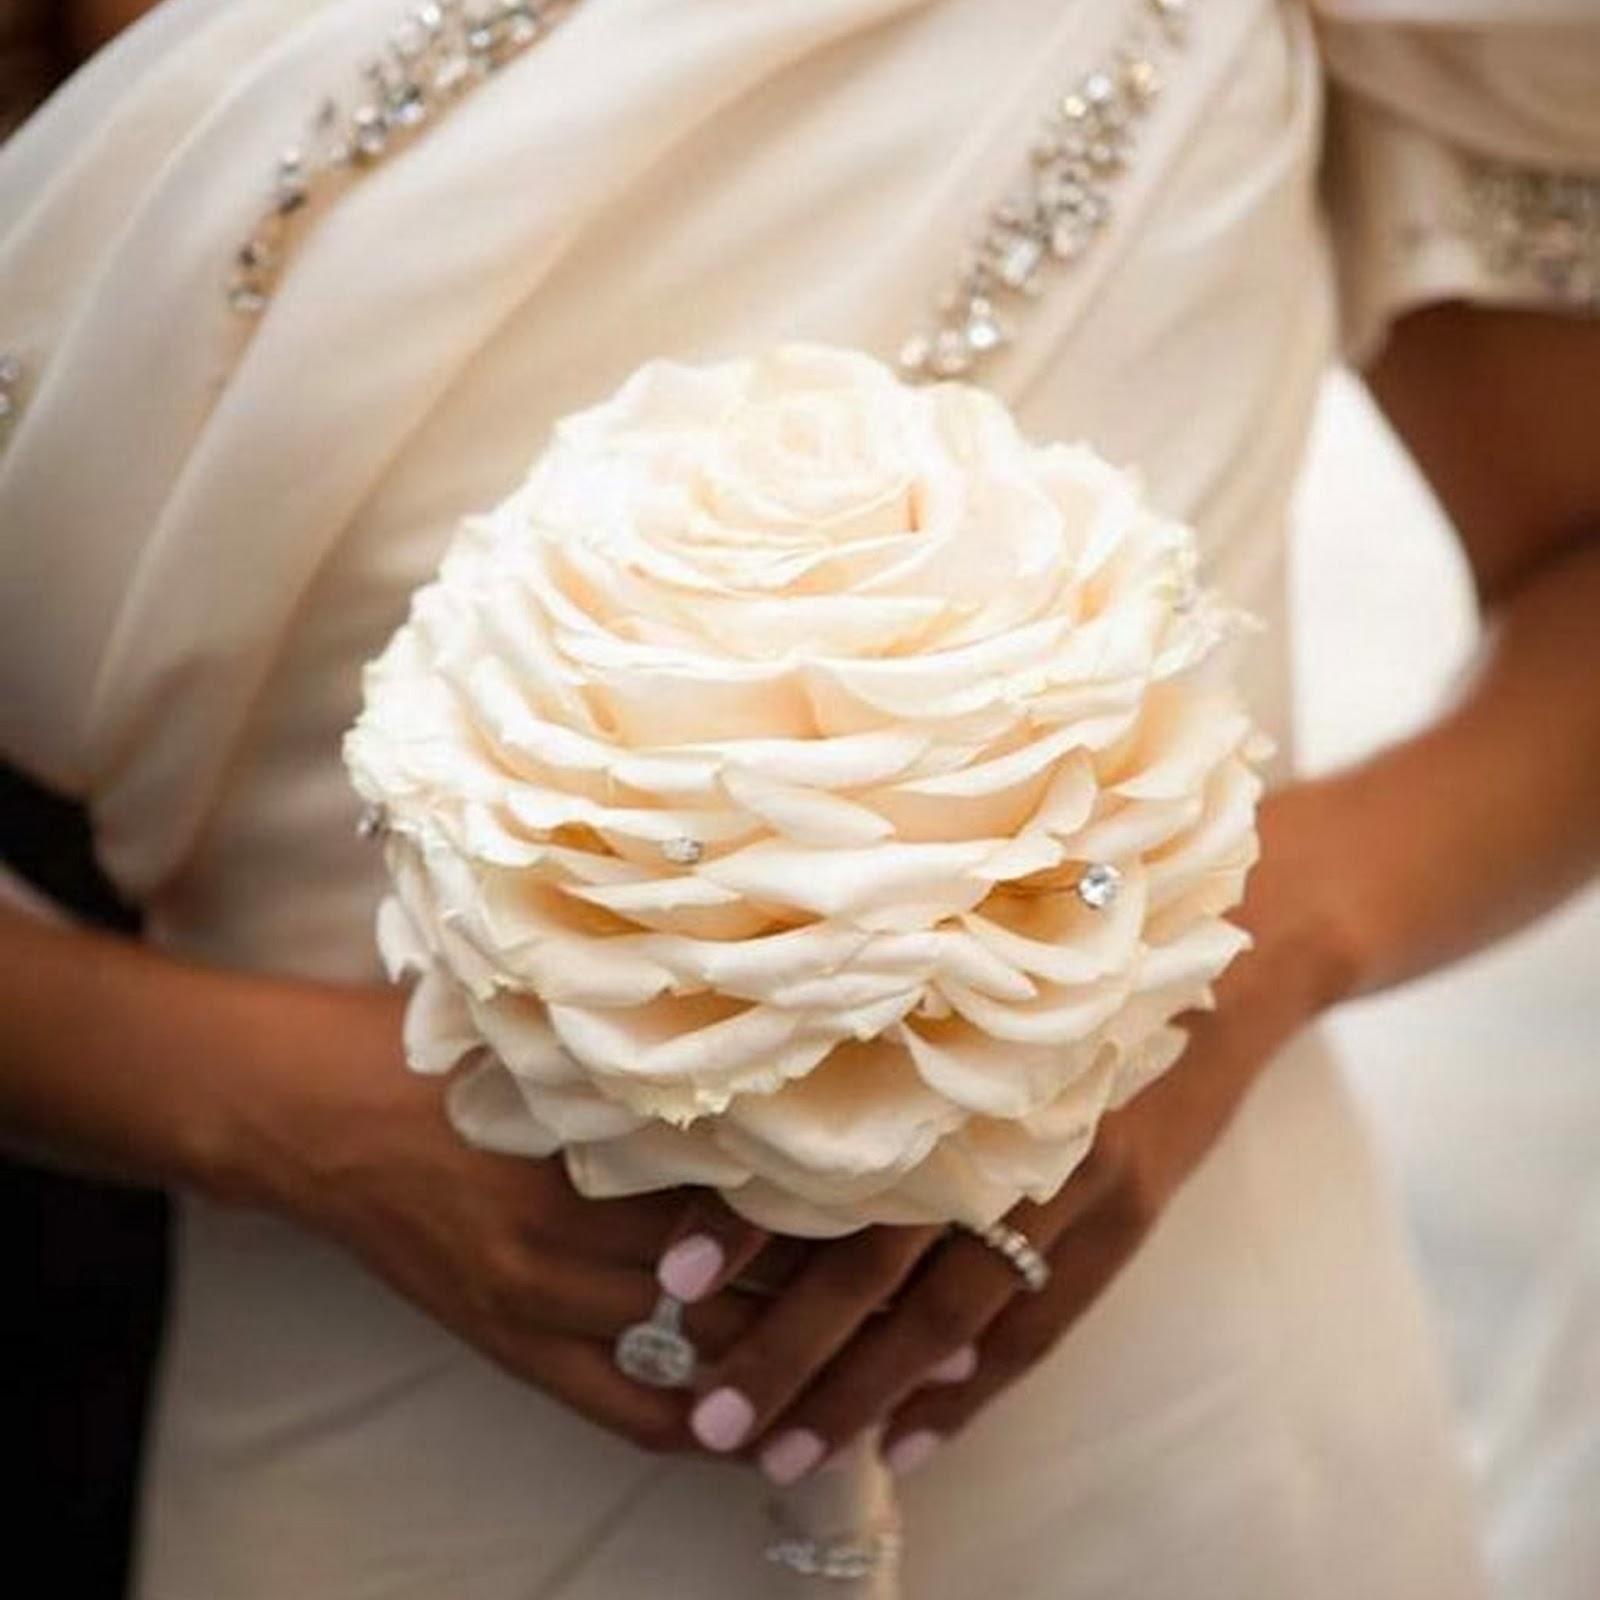 abbastanza Nozze Ganze, tutto per sposarsi in Toscana Bouquet da sposa 2015  TJ85